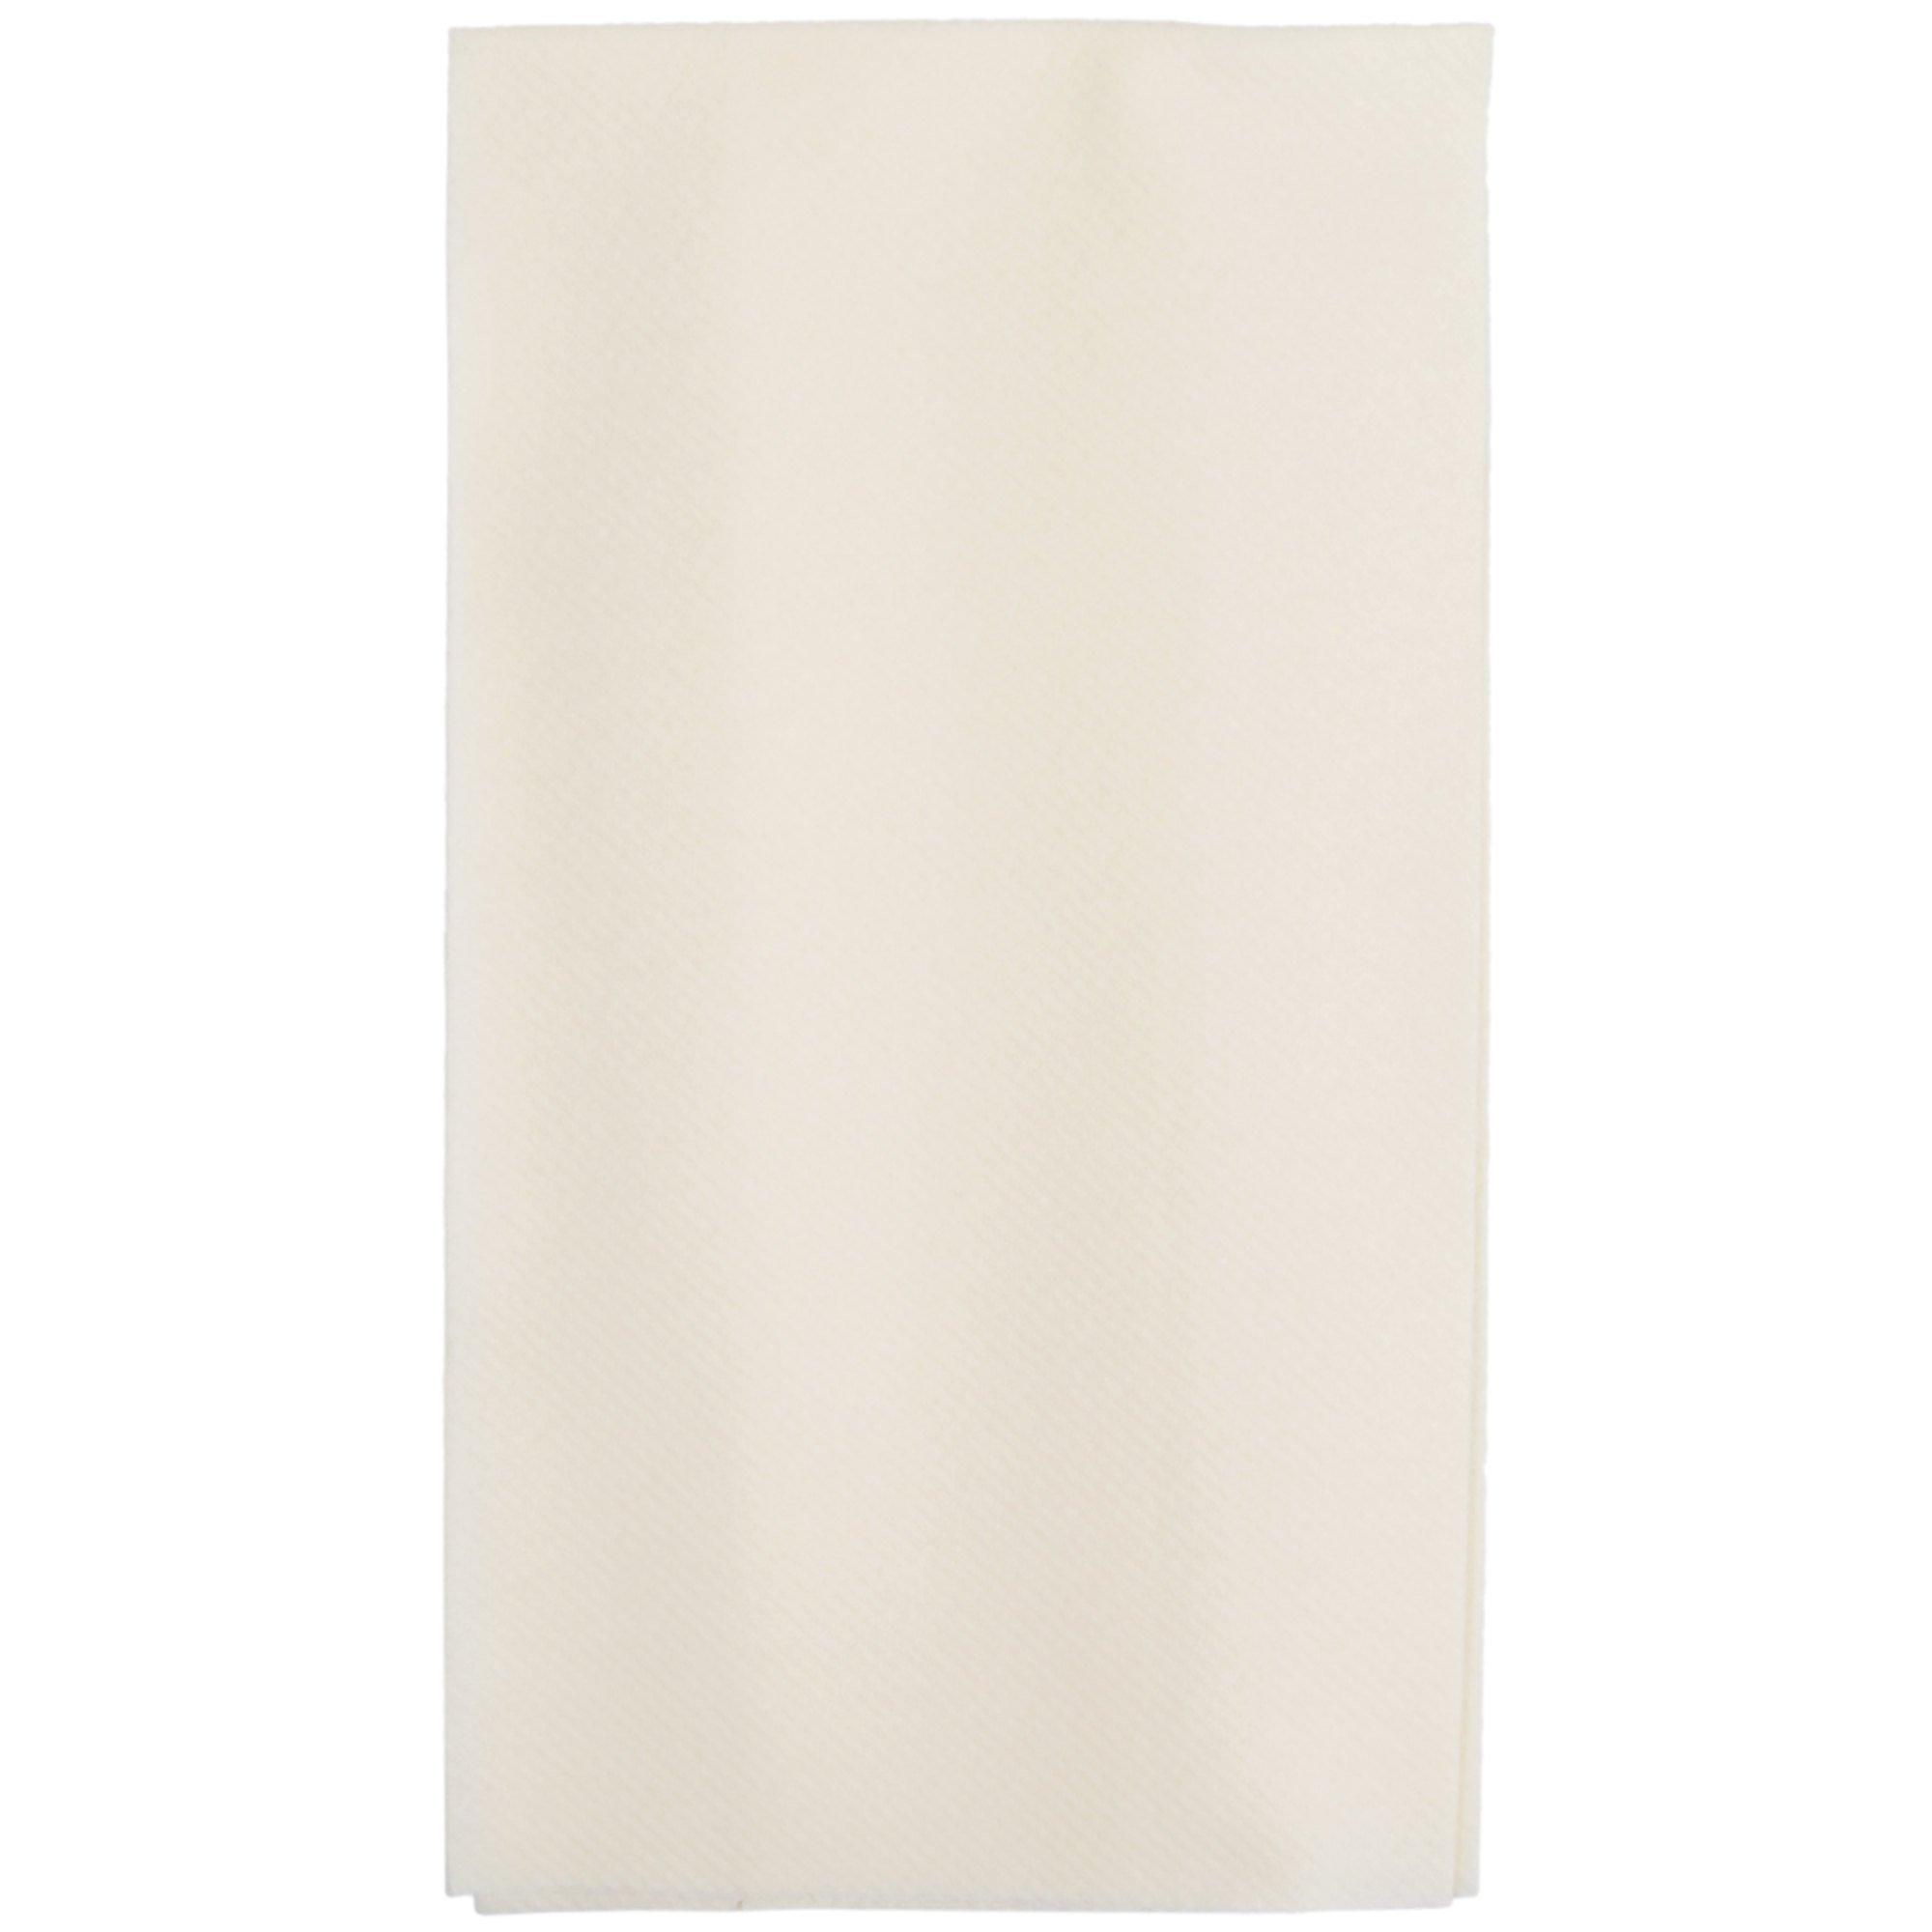 Hoffmaster 856803 Linen-Like 12'' x 17'' Ecru / Ivory 1/6 Fold Guest Towel - 500/Case